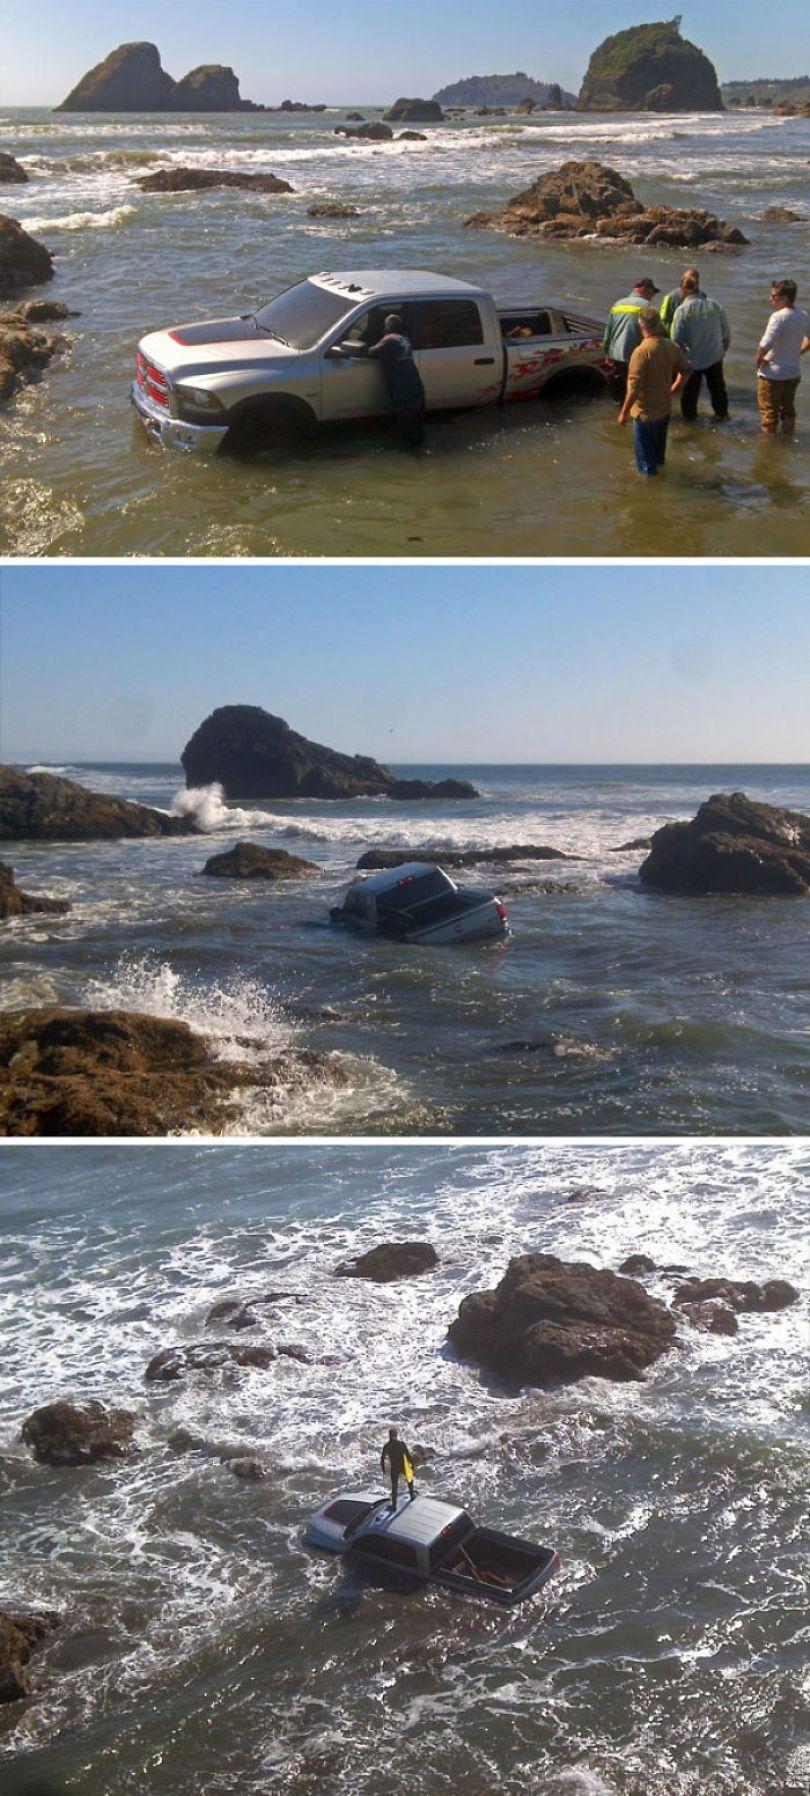 5cfa47142eb74 interesting funny beach 43 5b6d34bfbe89e  700 - Coisas interessantes que as pessoas encontraram na praia